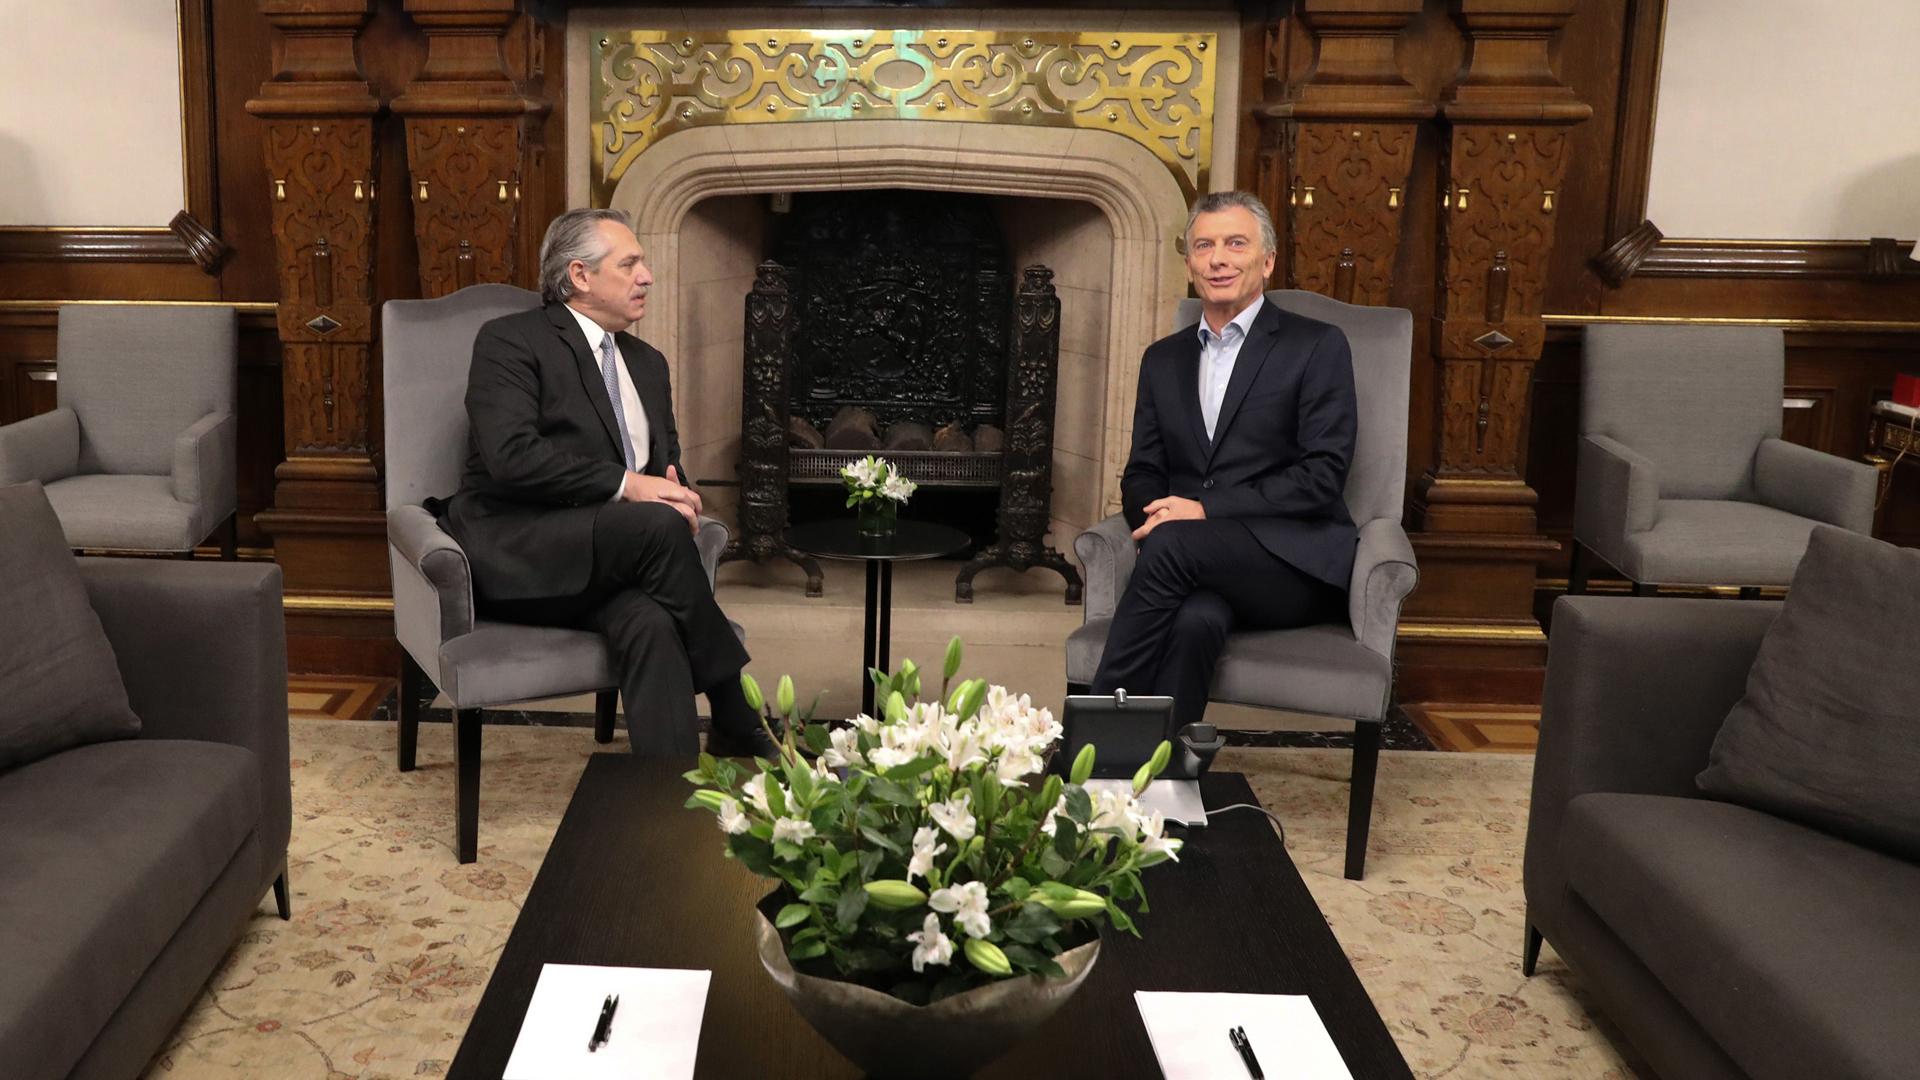 Después de varios idas y vueltas, Mauricio Macri y Alberto Fernández se reunieron en Casa Rosada para hablar sobre la transición. No comparten nada en lo político, pero lograron un vínculo personal más que razonable.